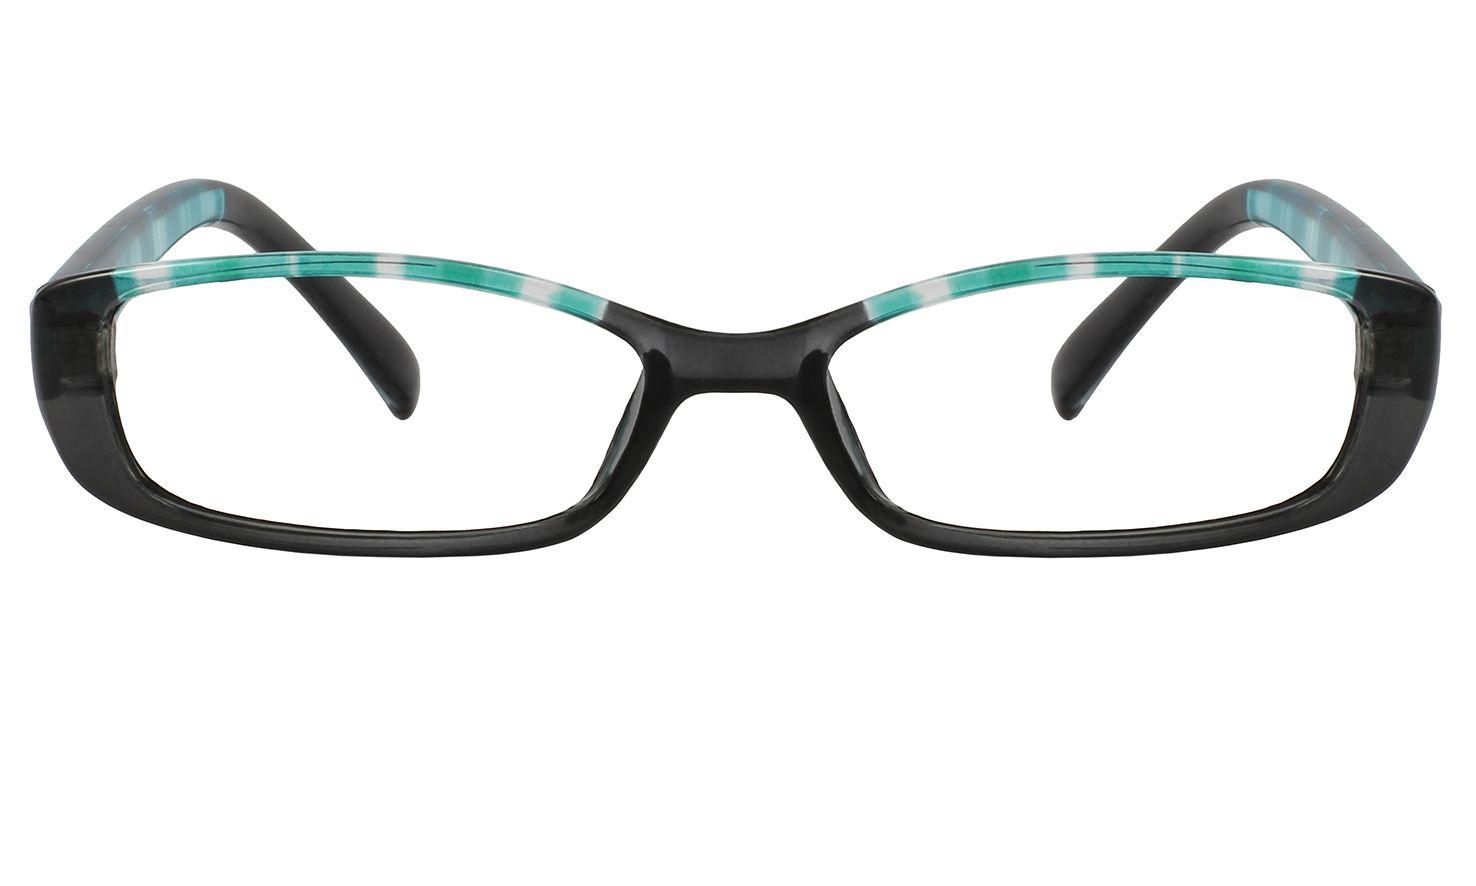 053ac153d2a2 Party Eyes for Ladies 24 Prescription Glasses